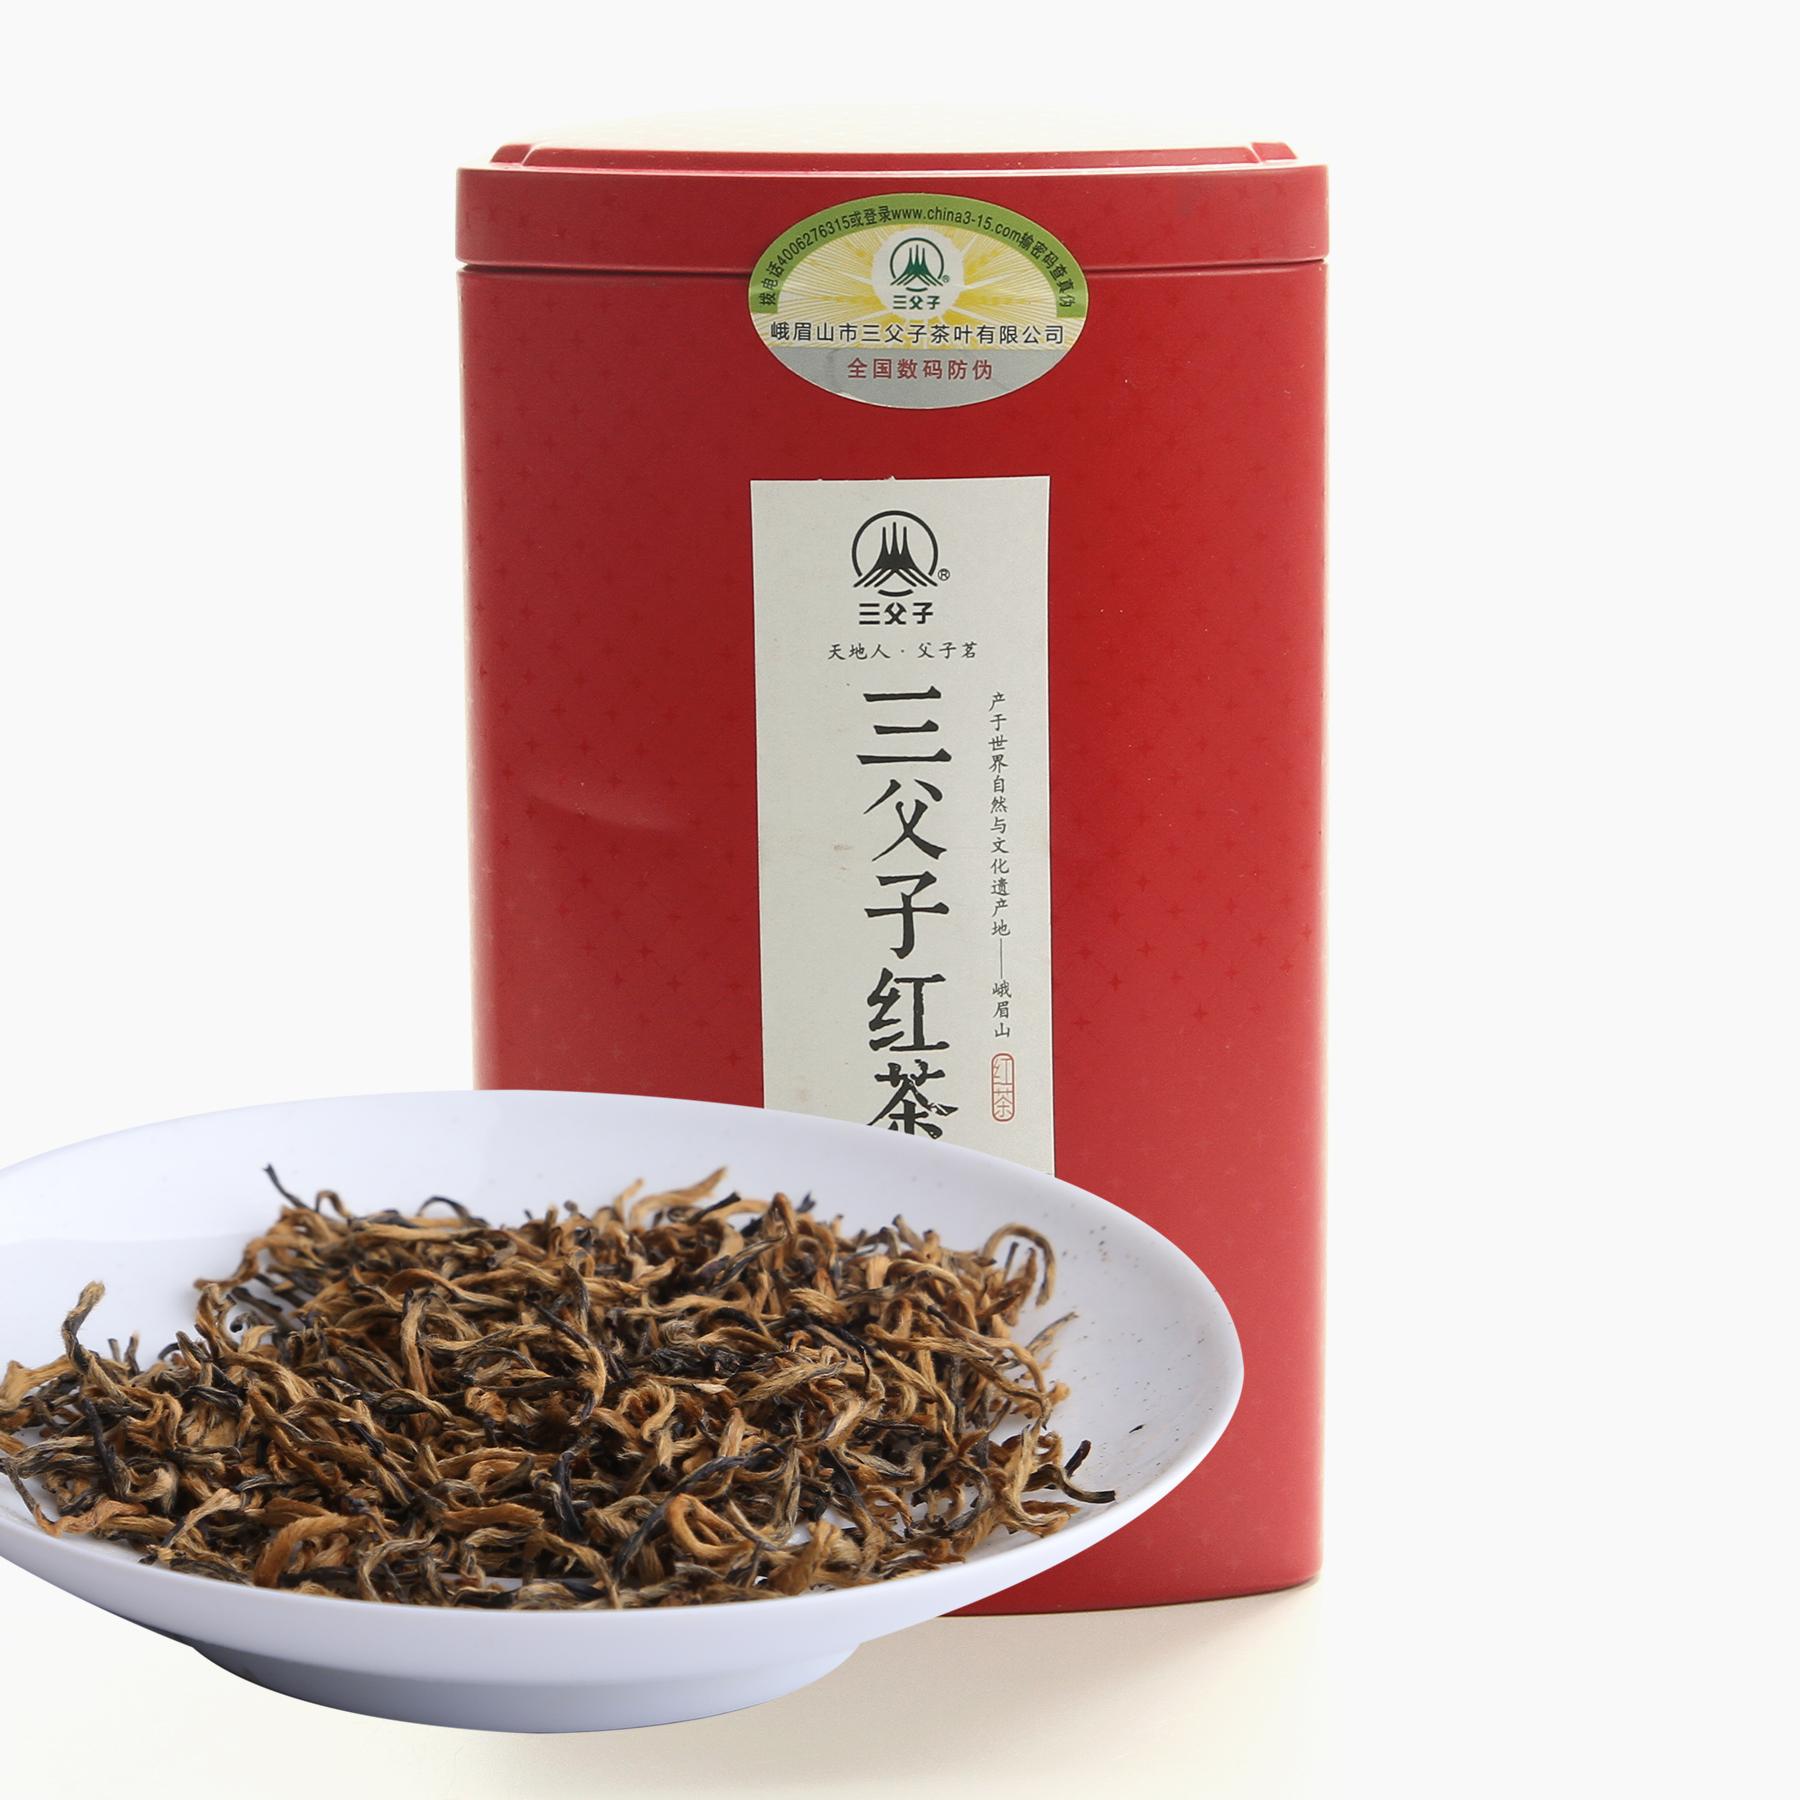 特级三父子红茶(2017)红茶价格960元/斤